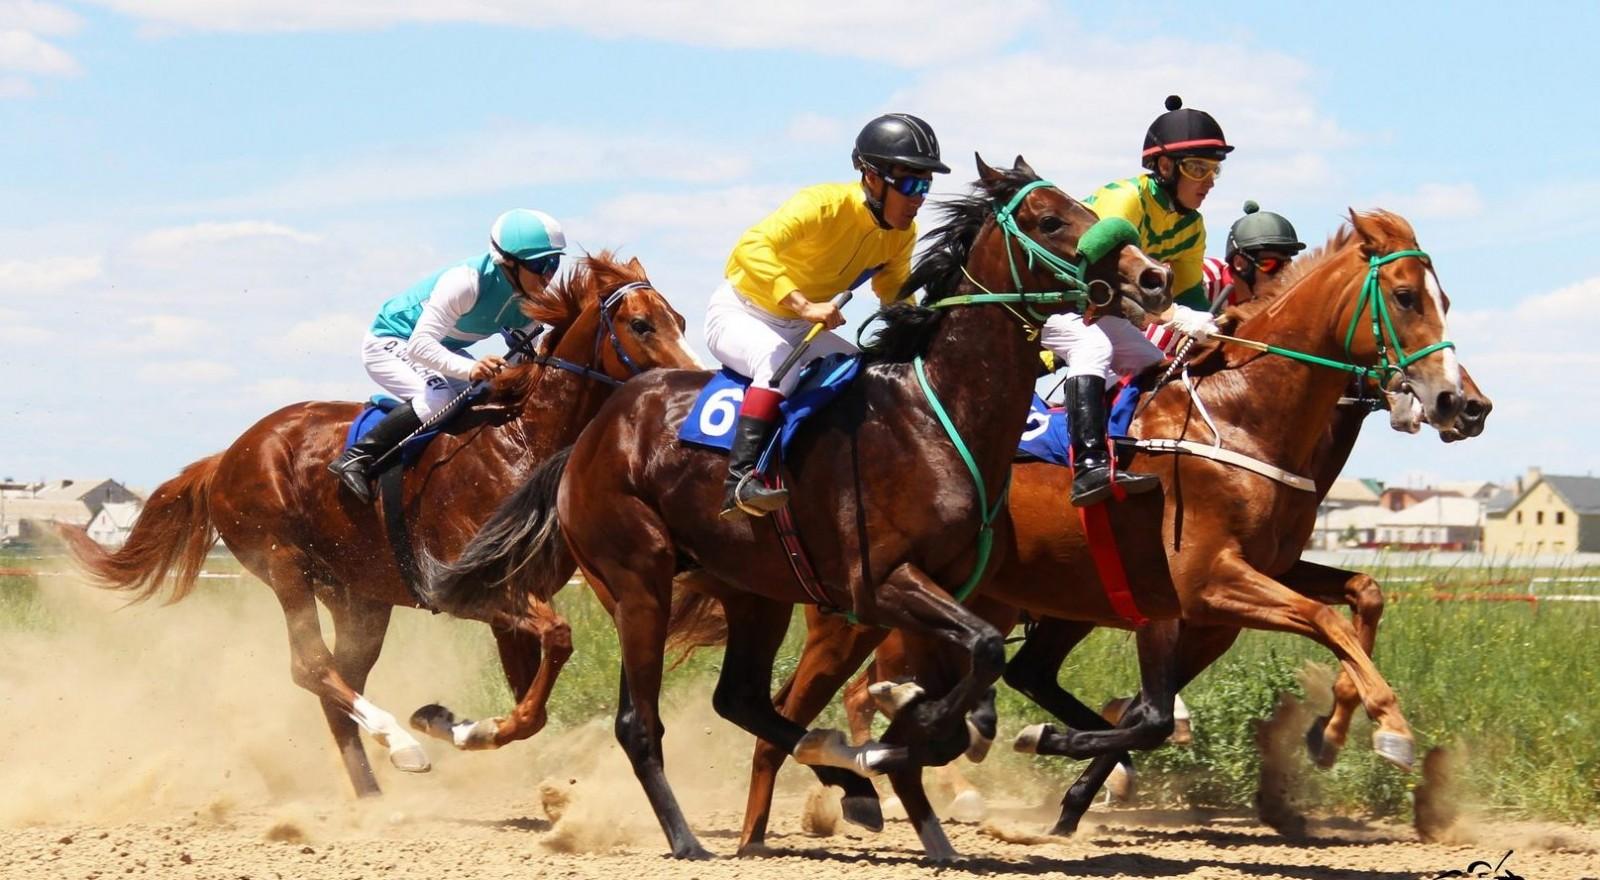 Сегодня в поселке Ергенинский большой конно-спортивный праздник